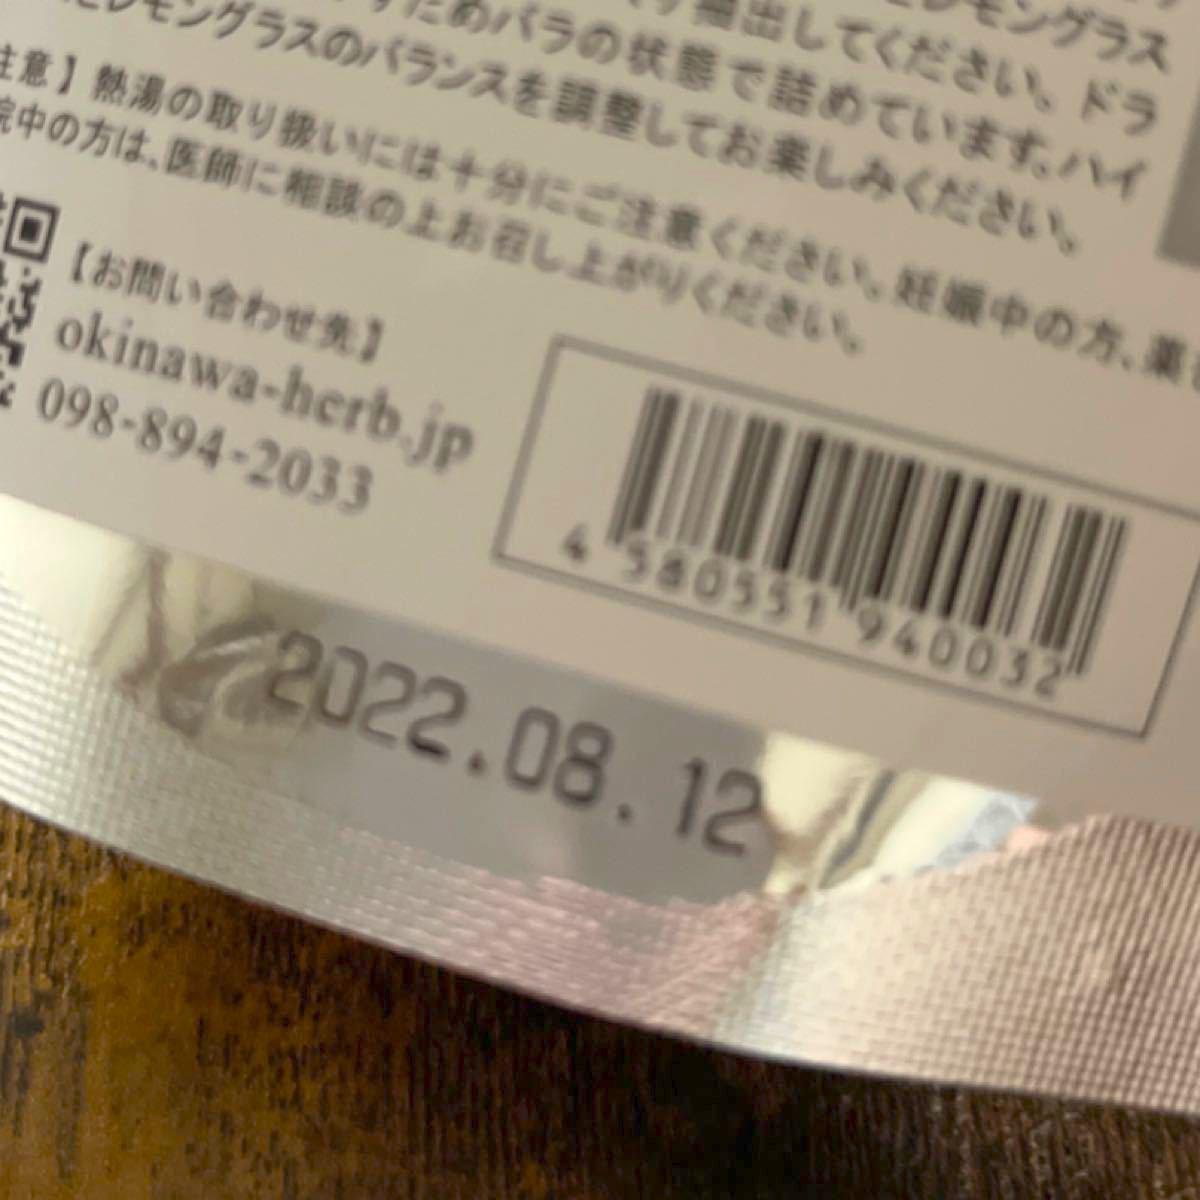 ☆送料込み☆ノンカフェイン ハーブティー No.183 ハイビスカス・レモングラス 12g